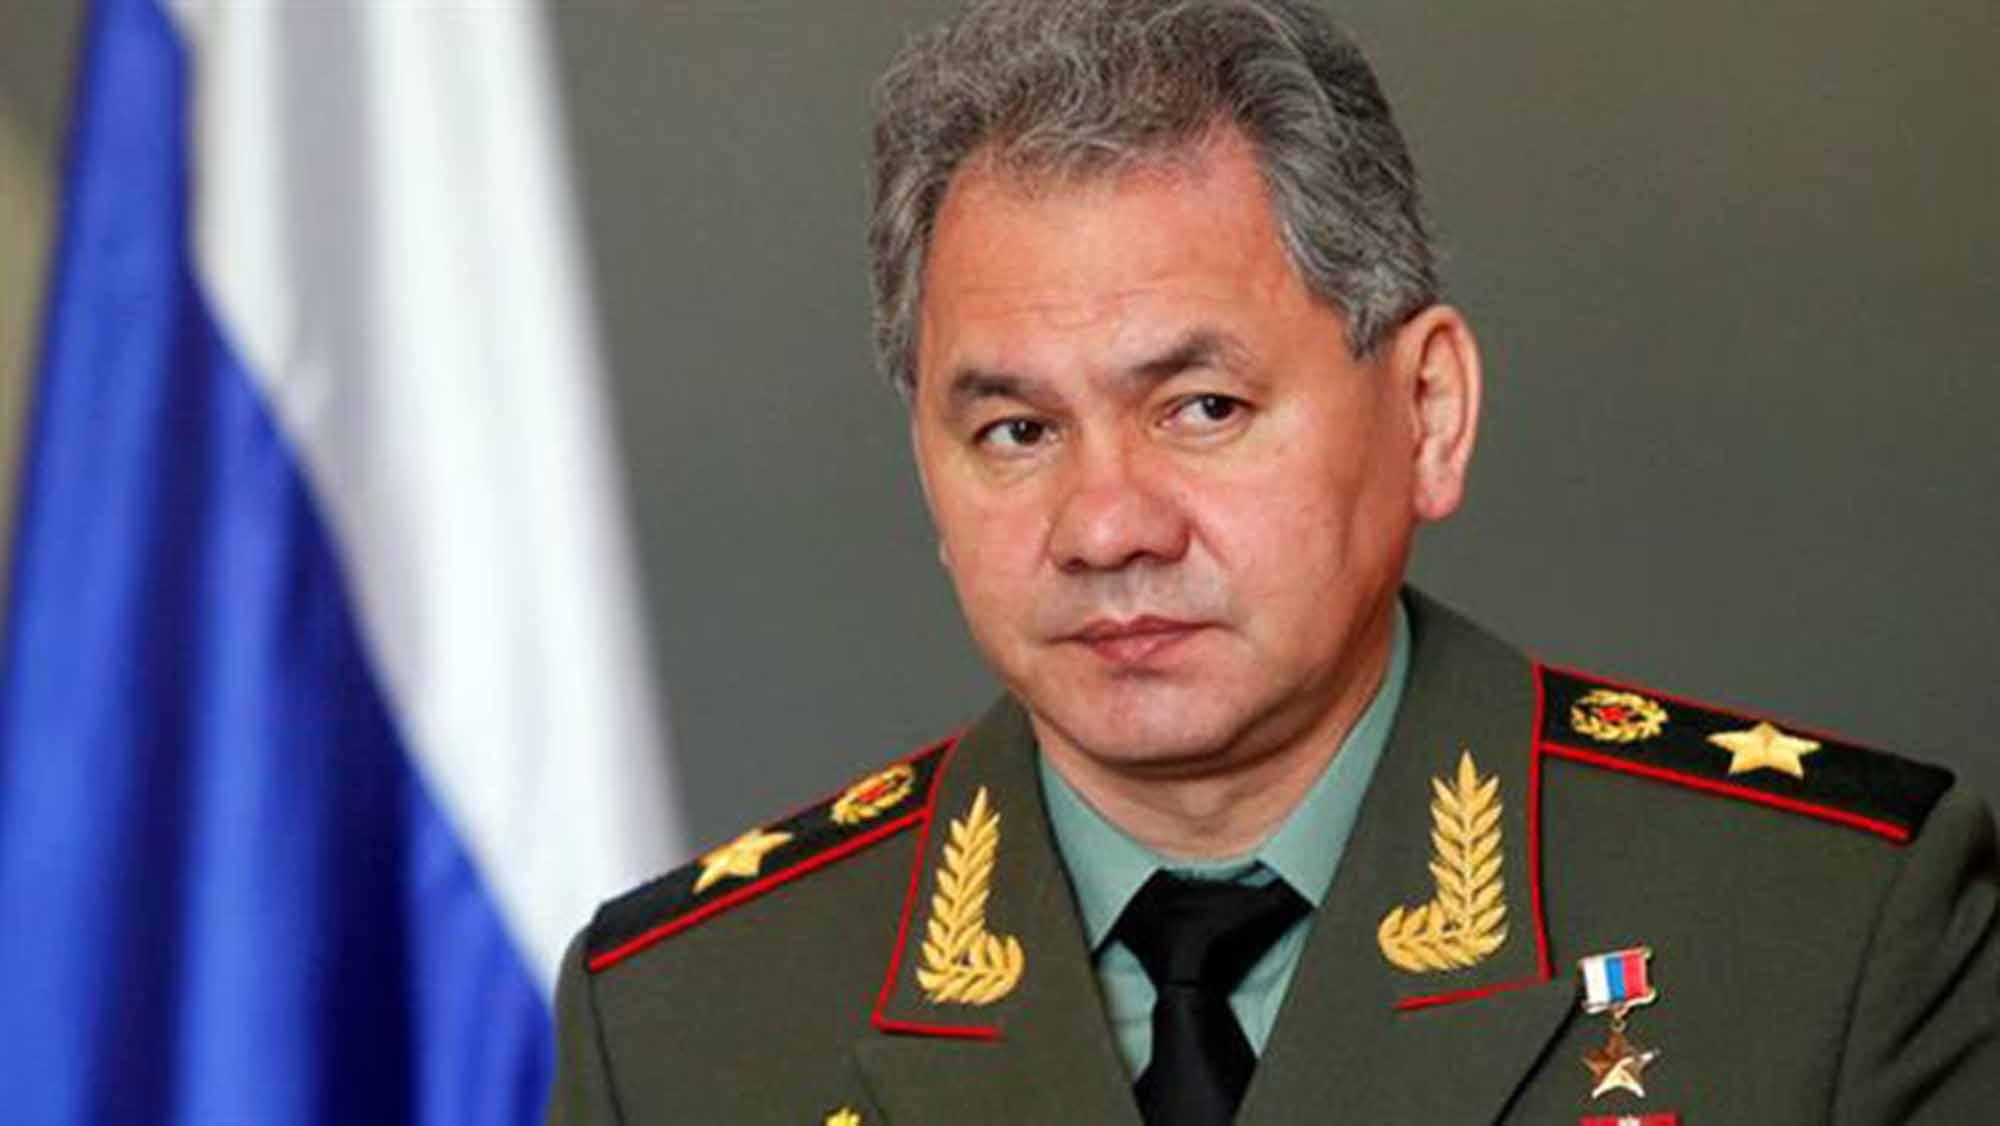 Ministerul Apărării din Rusia neagă că ar fi trimis nave cu echipamente militare pe Dunăre către Serbia